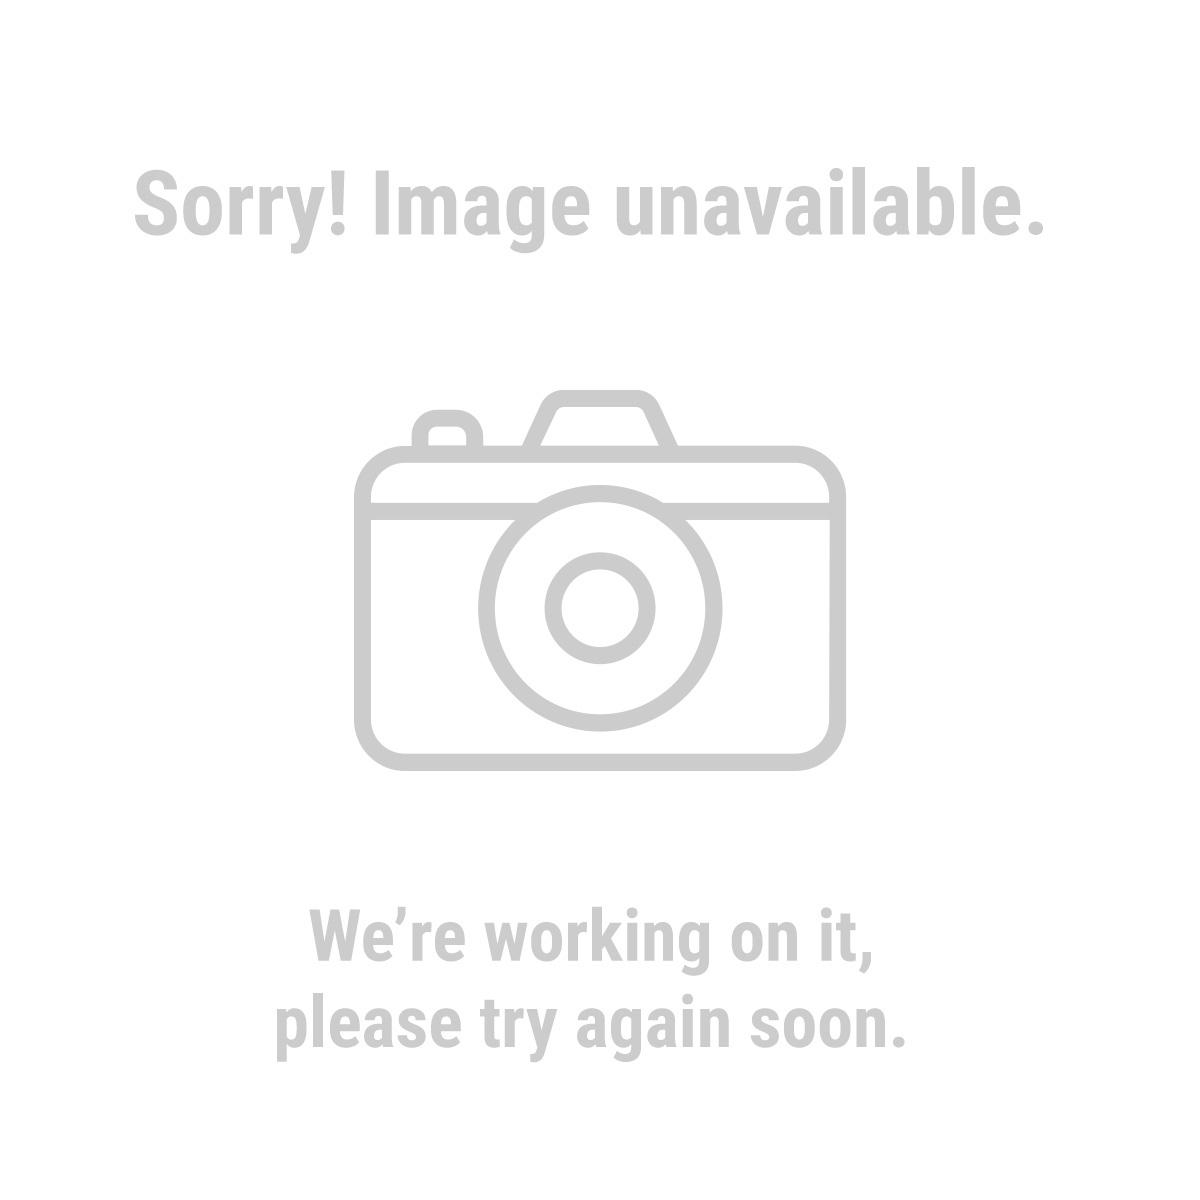 Mini Lathe Electric Motor